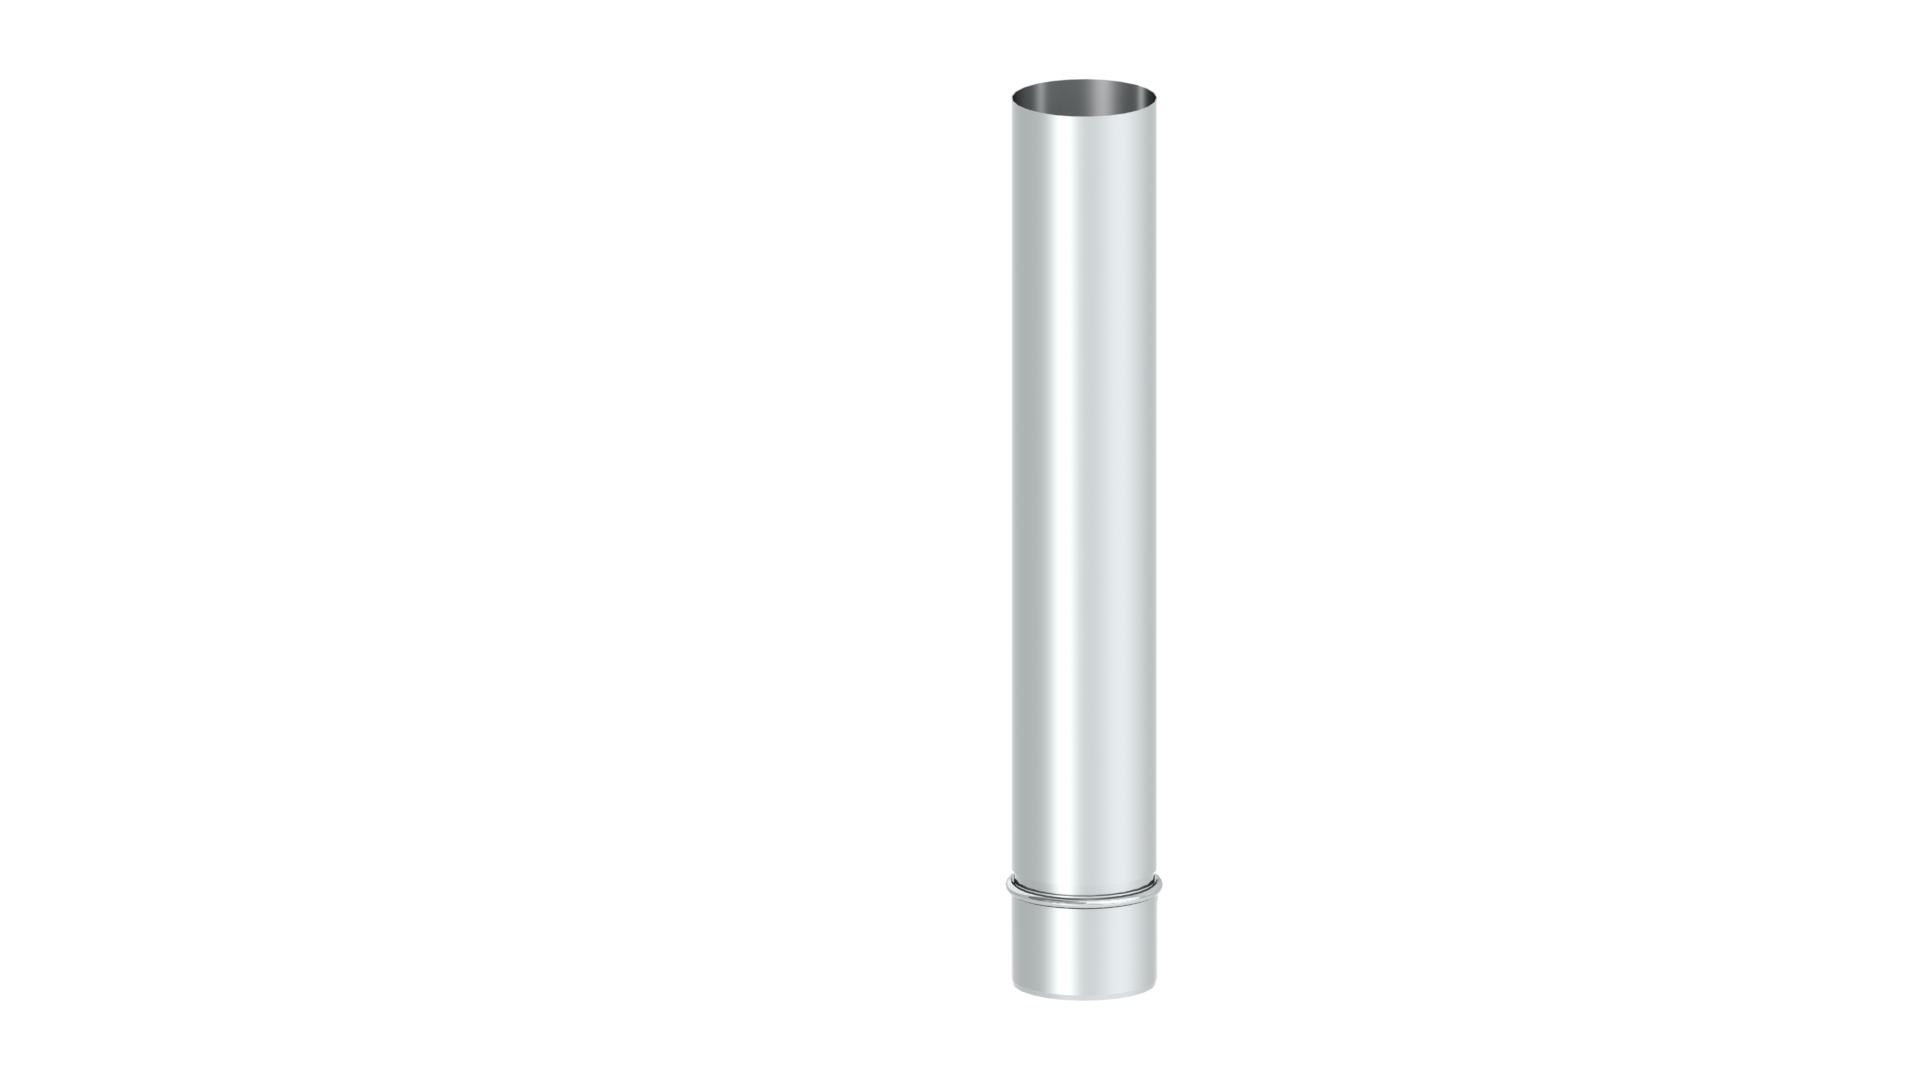 Mündungsrohr 1000 mm Edelstahl für Kopfabdeckung für Jeremias EW-PPS